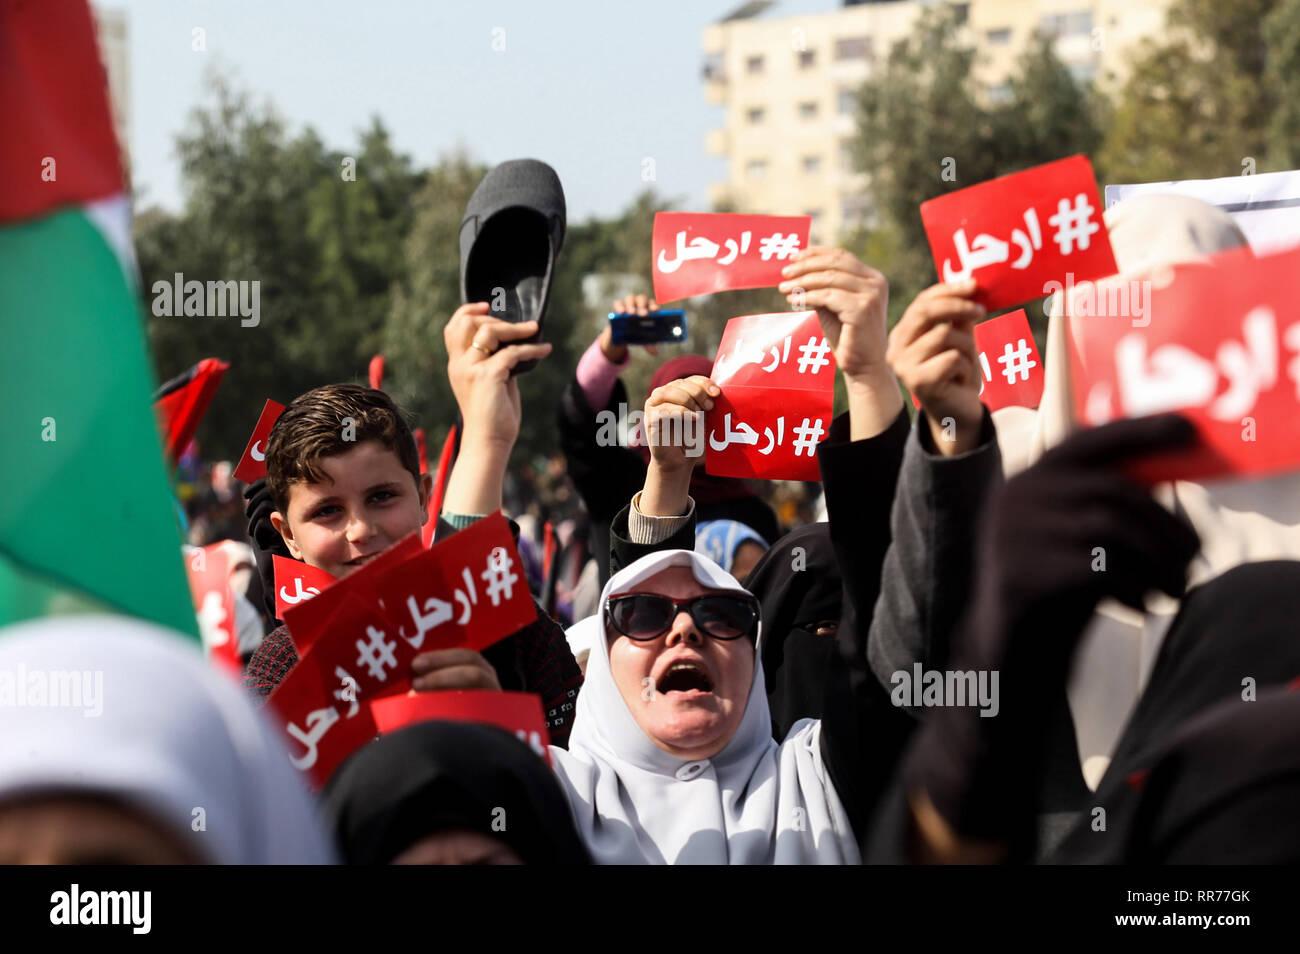 La franja de Gaza. 24 Feb 2019. Los manifestantes palestinos asistir a una manifestación de protesta en la ciudad de Gaza, el 24 de febrero de 2019, exigiendo que el presidente palestino Mahmoud Abbas de paso hacia abajo. Abed Rahim Khatib / despertar / Alamy Live News Foto de stock